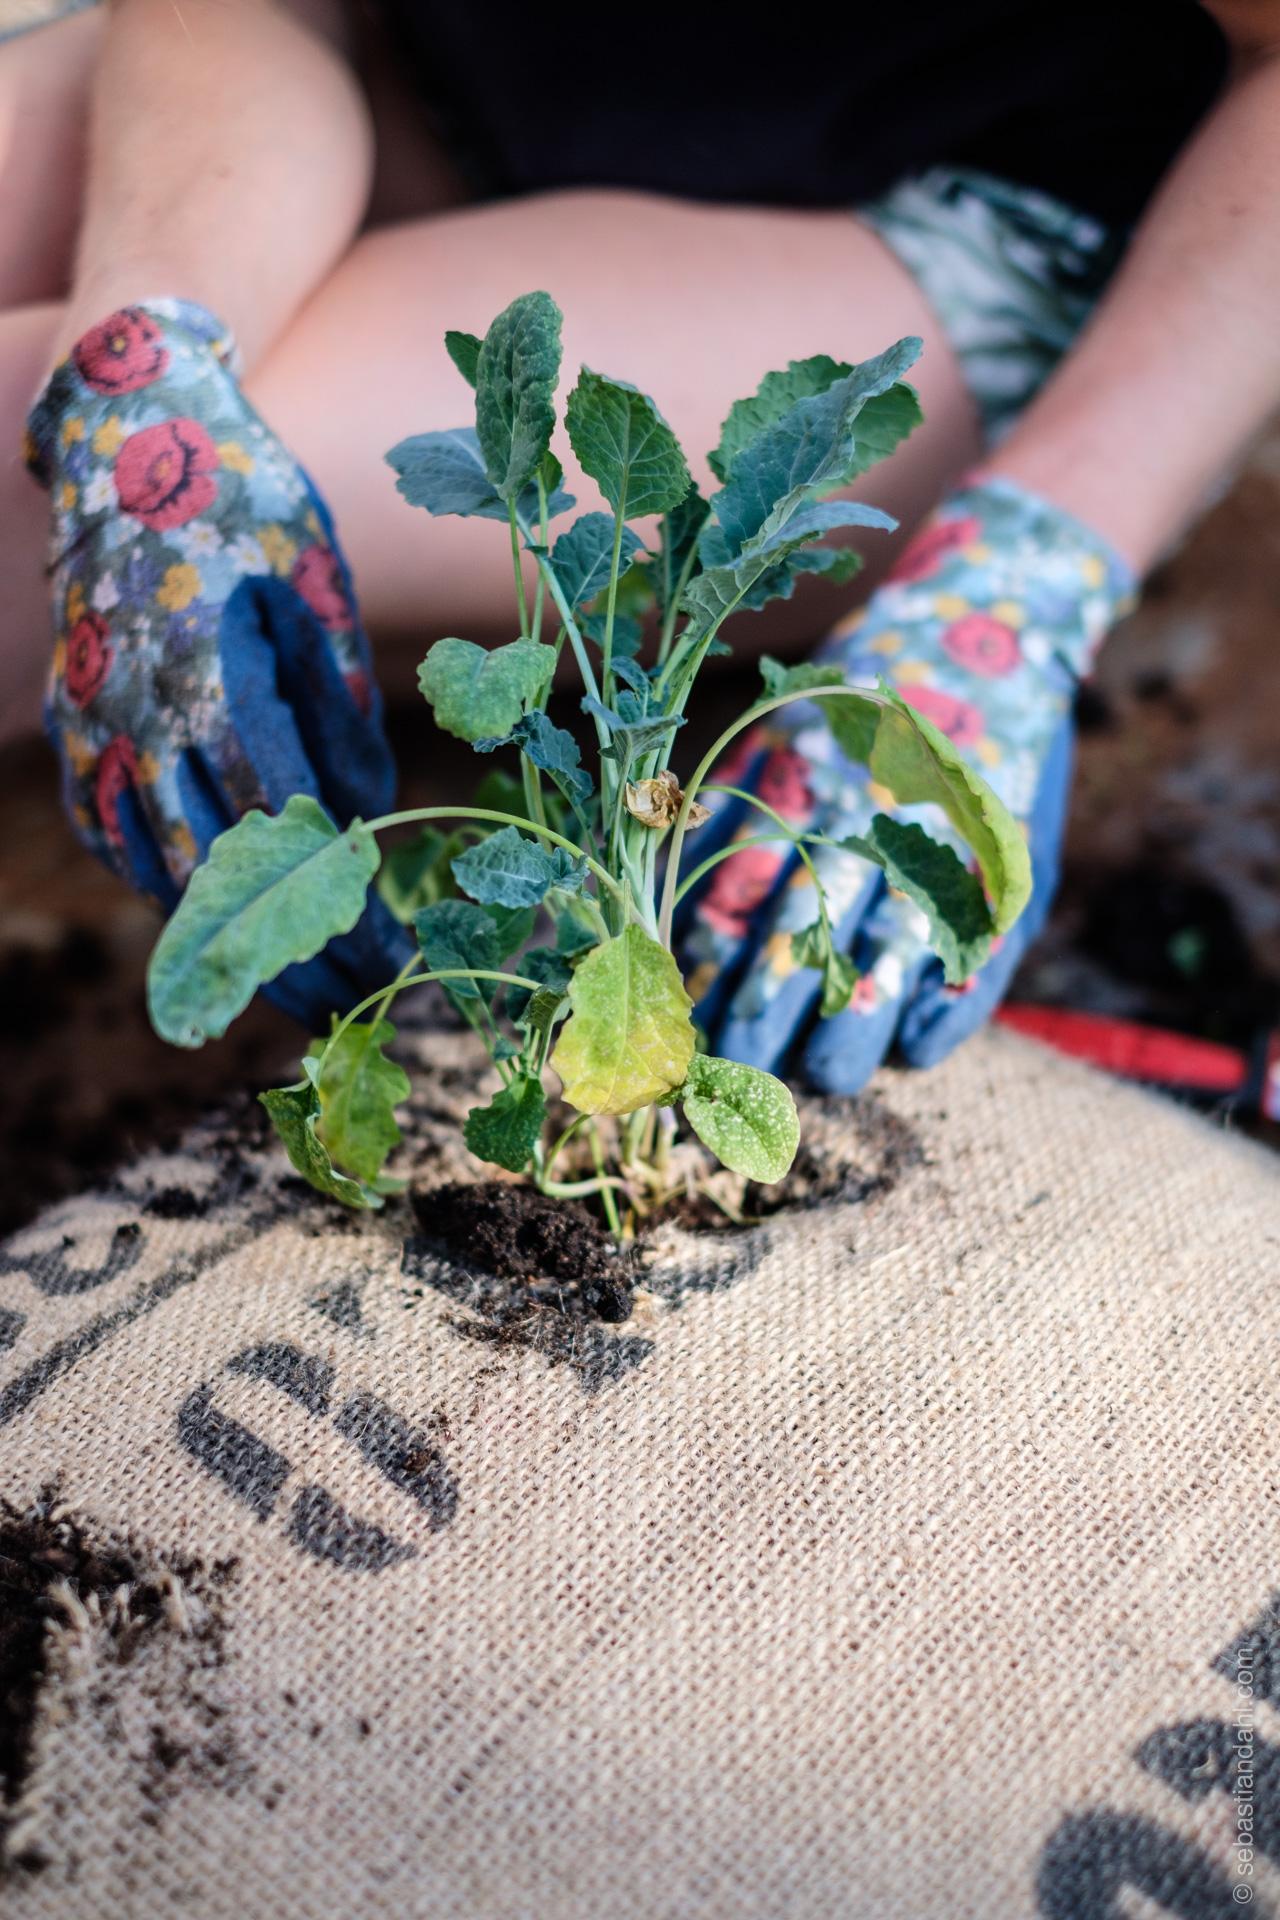 Palmekål planta ved hjelp av elever fra Hersleb vgs, i kaffesekker fulle av god jord fra Efferus. Foto: Sebastian Dahl